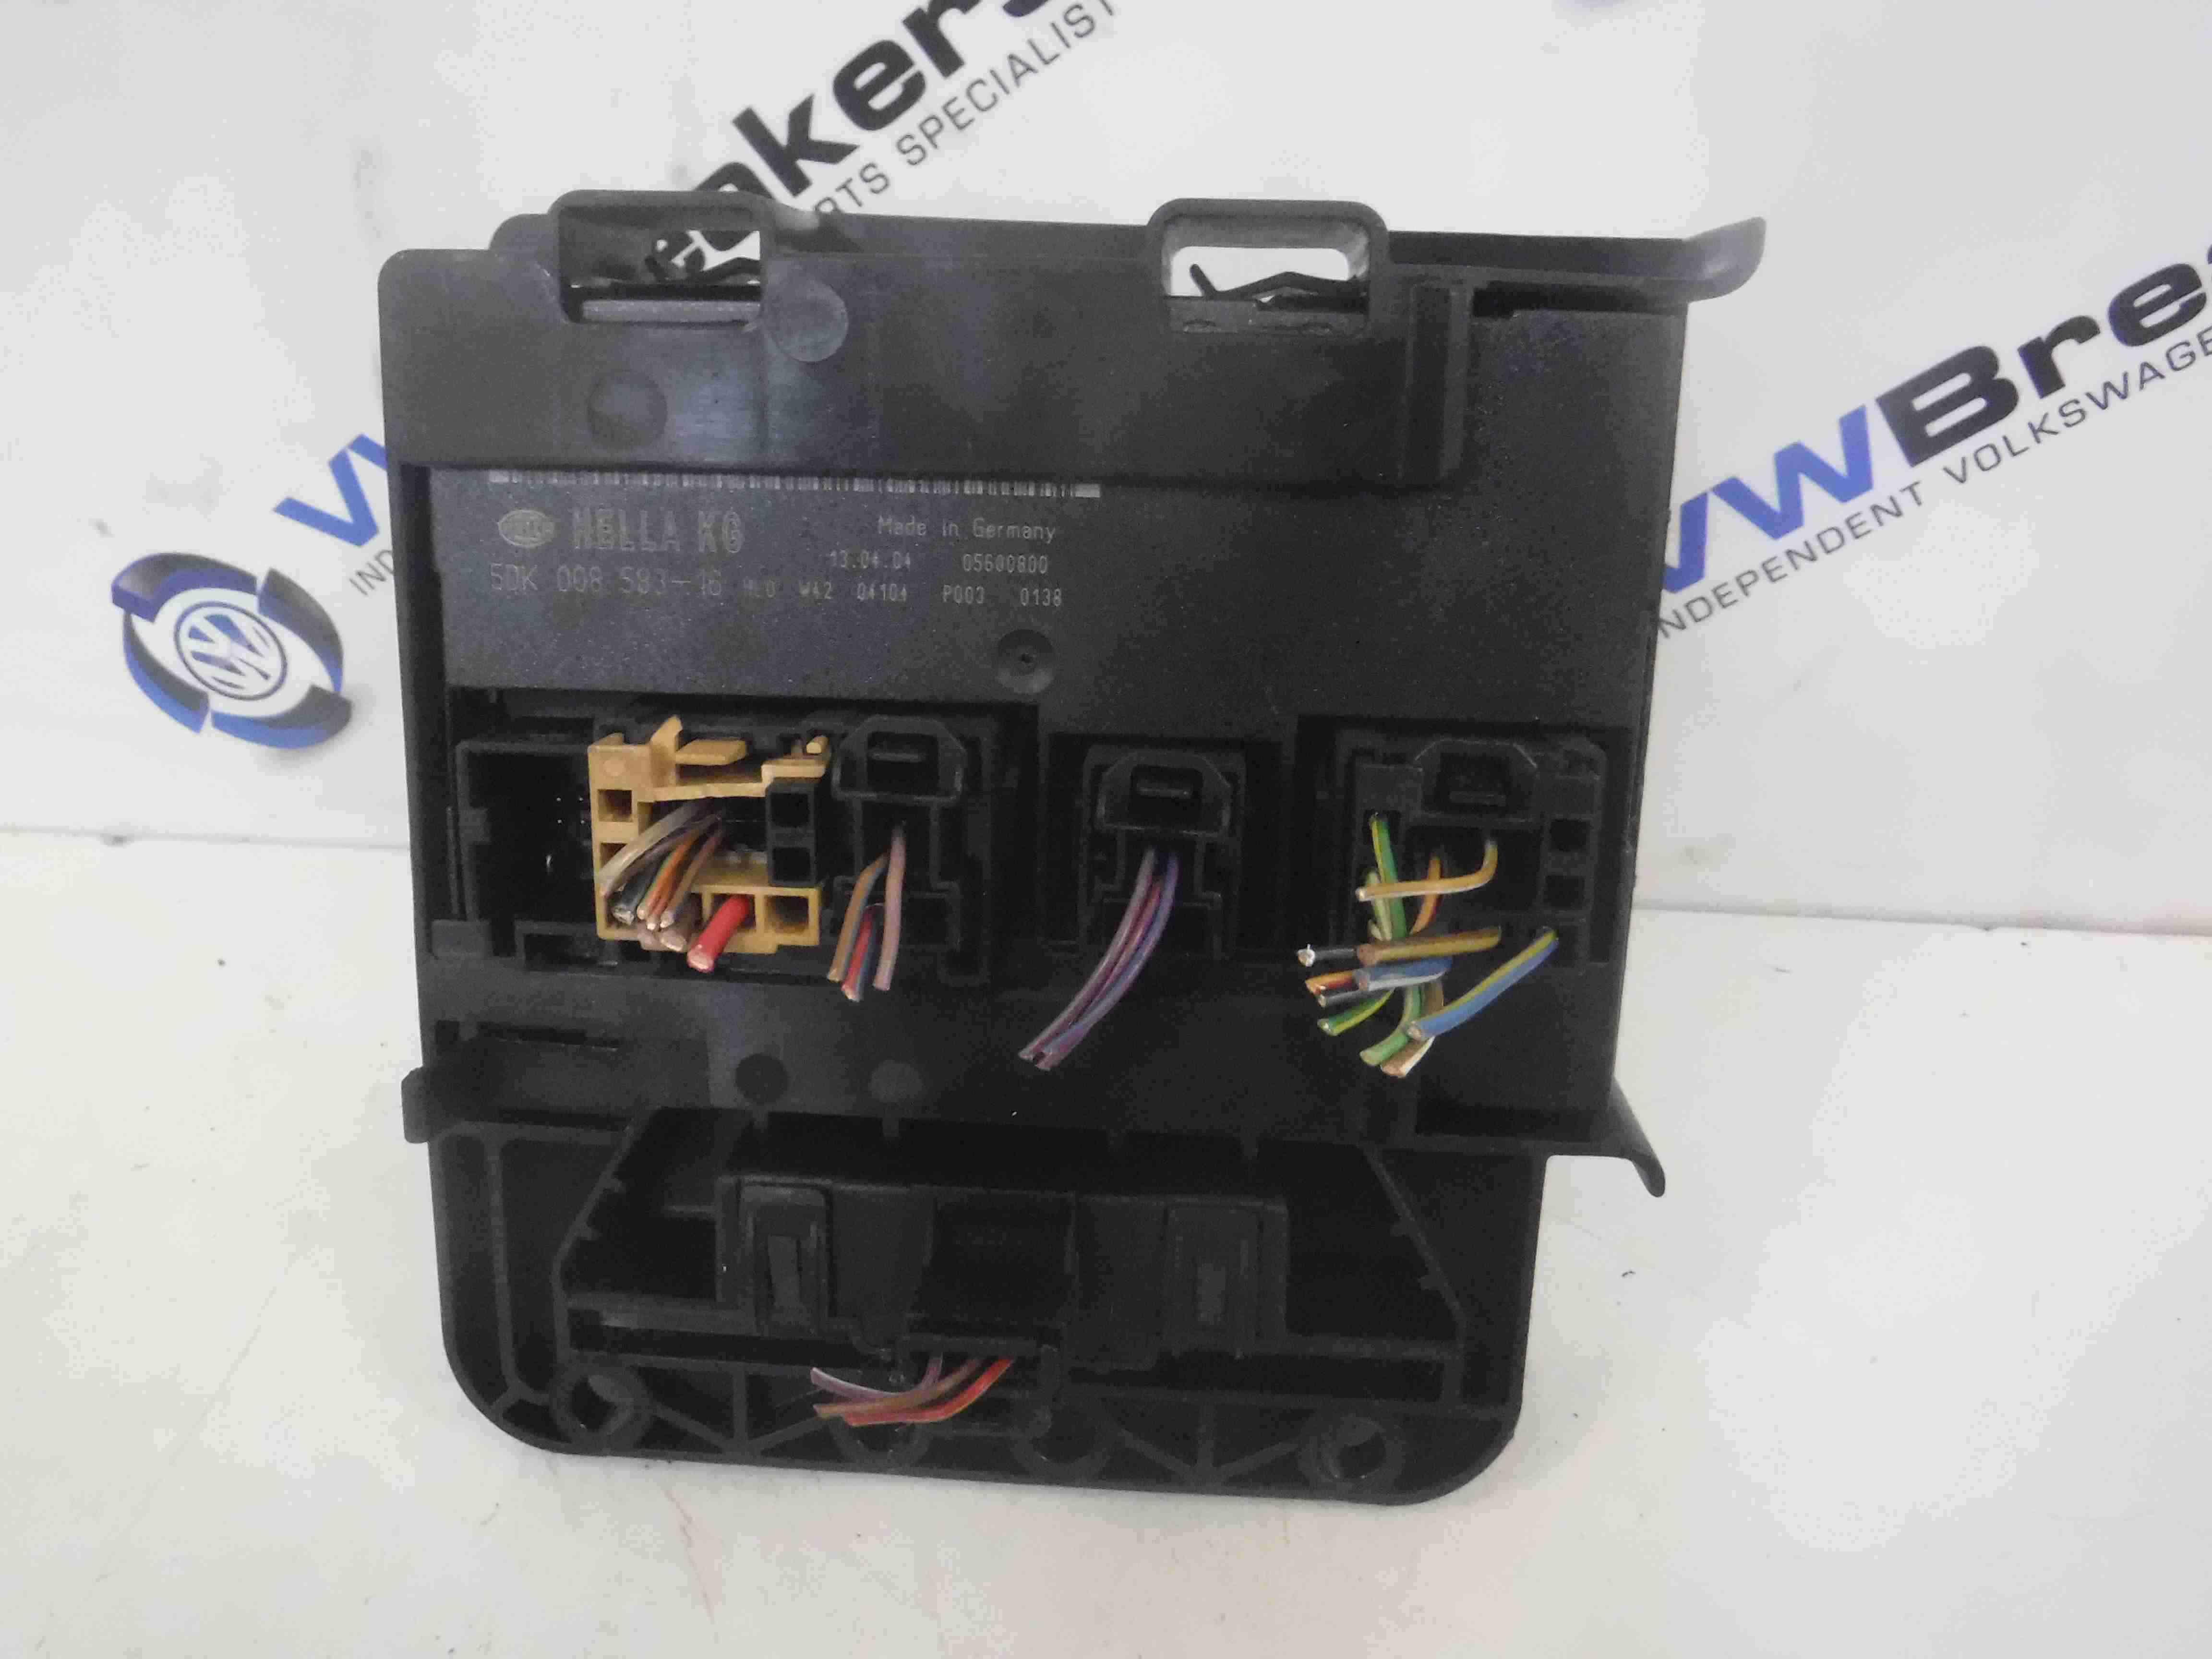 Volkswagen Golf MK5 2003-2009 Engine Fuse Box Unit 5Dk008583